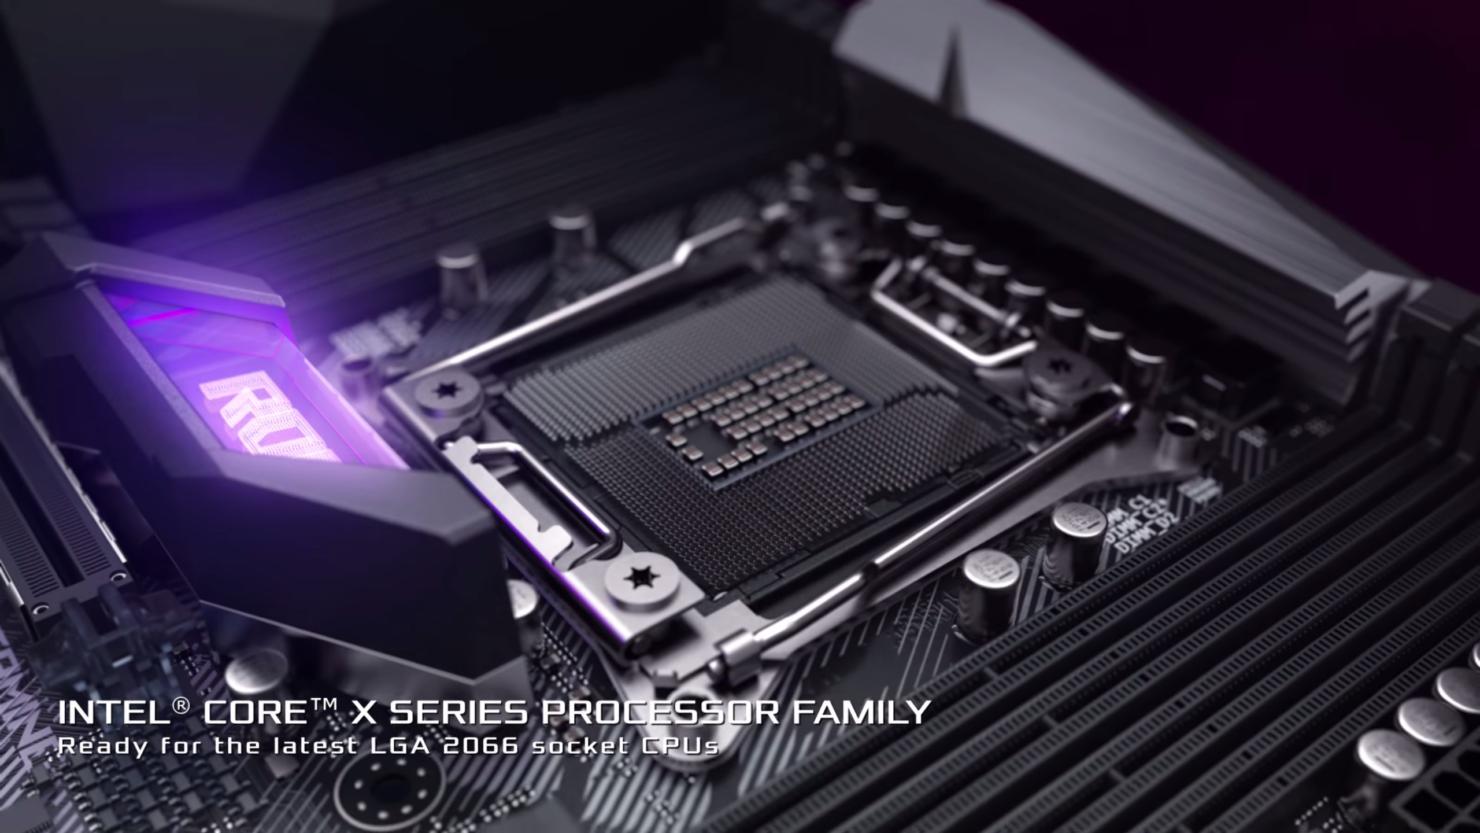 asus-rog-strix-x299-e-motherboard-intel-core-x-processors_3